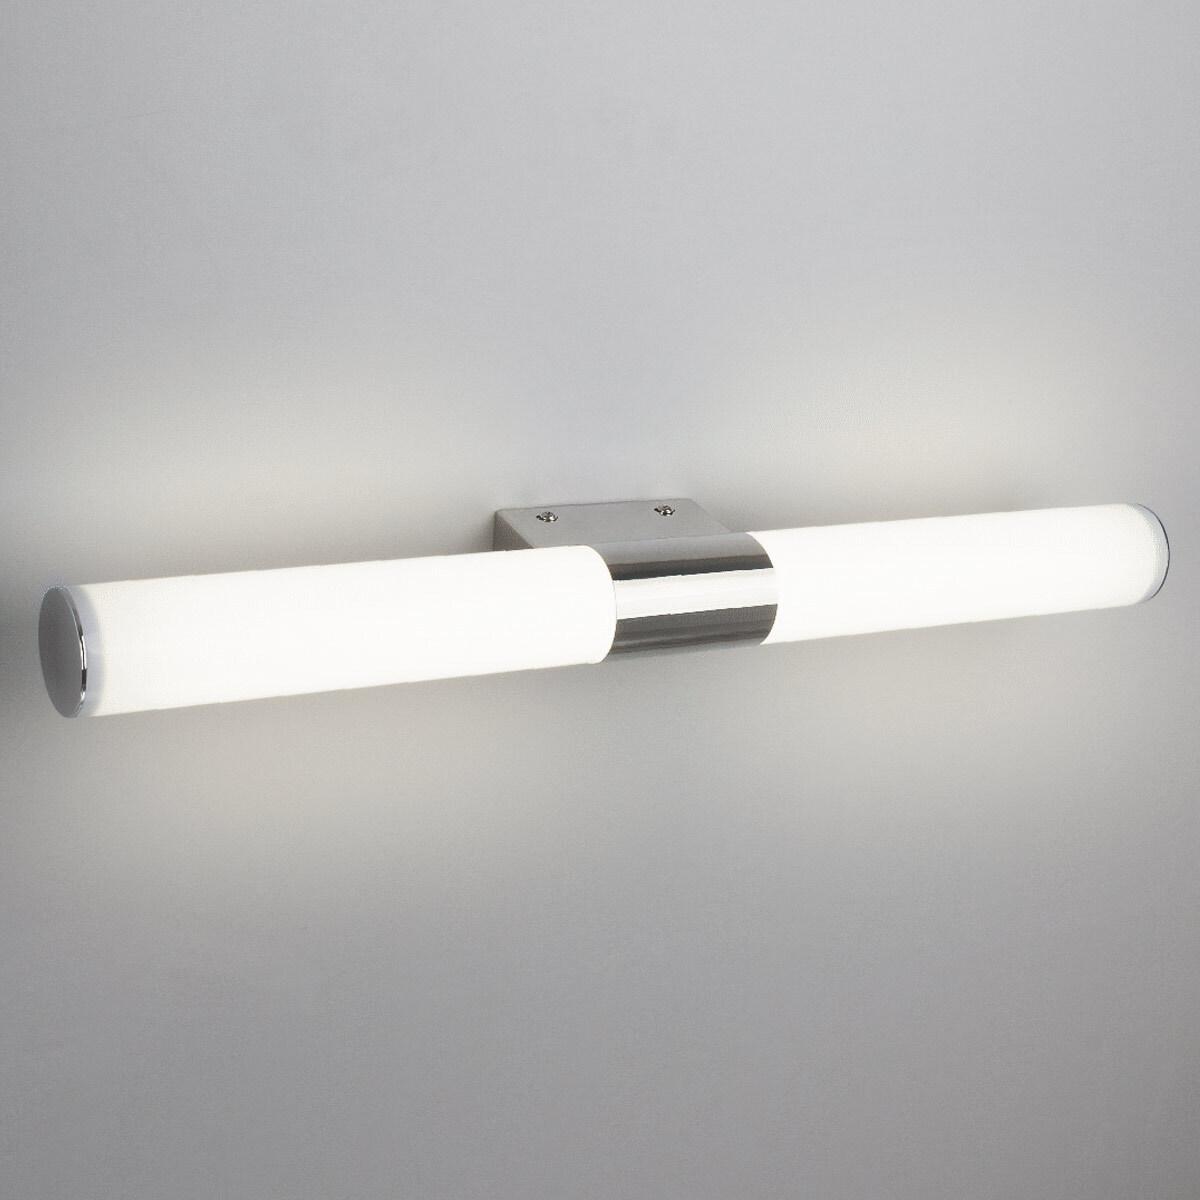 Настенный светильник Elektrostandard Venta Neo LED светодиодный MRL LED 12W 1005 IP20, 12 Вт elektrostandard настенный светильник elektrostandard inside led белый матовый mrl led 12w